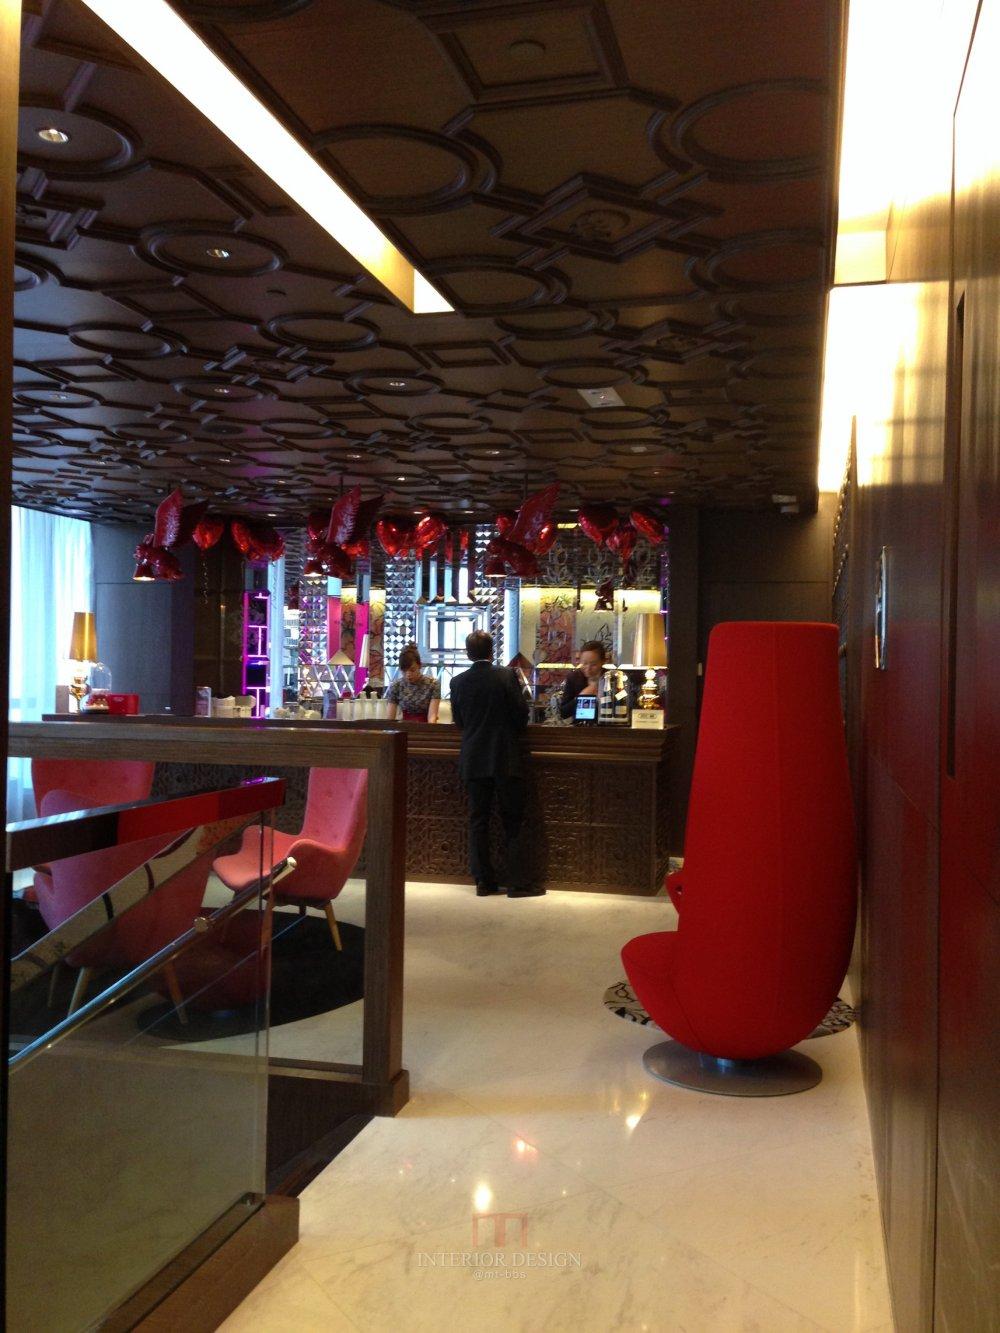 香港湾仔美丽华精品酒店Mira Moon Hotel  自拍分享_IMG_4142.JPG